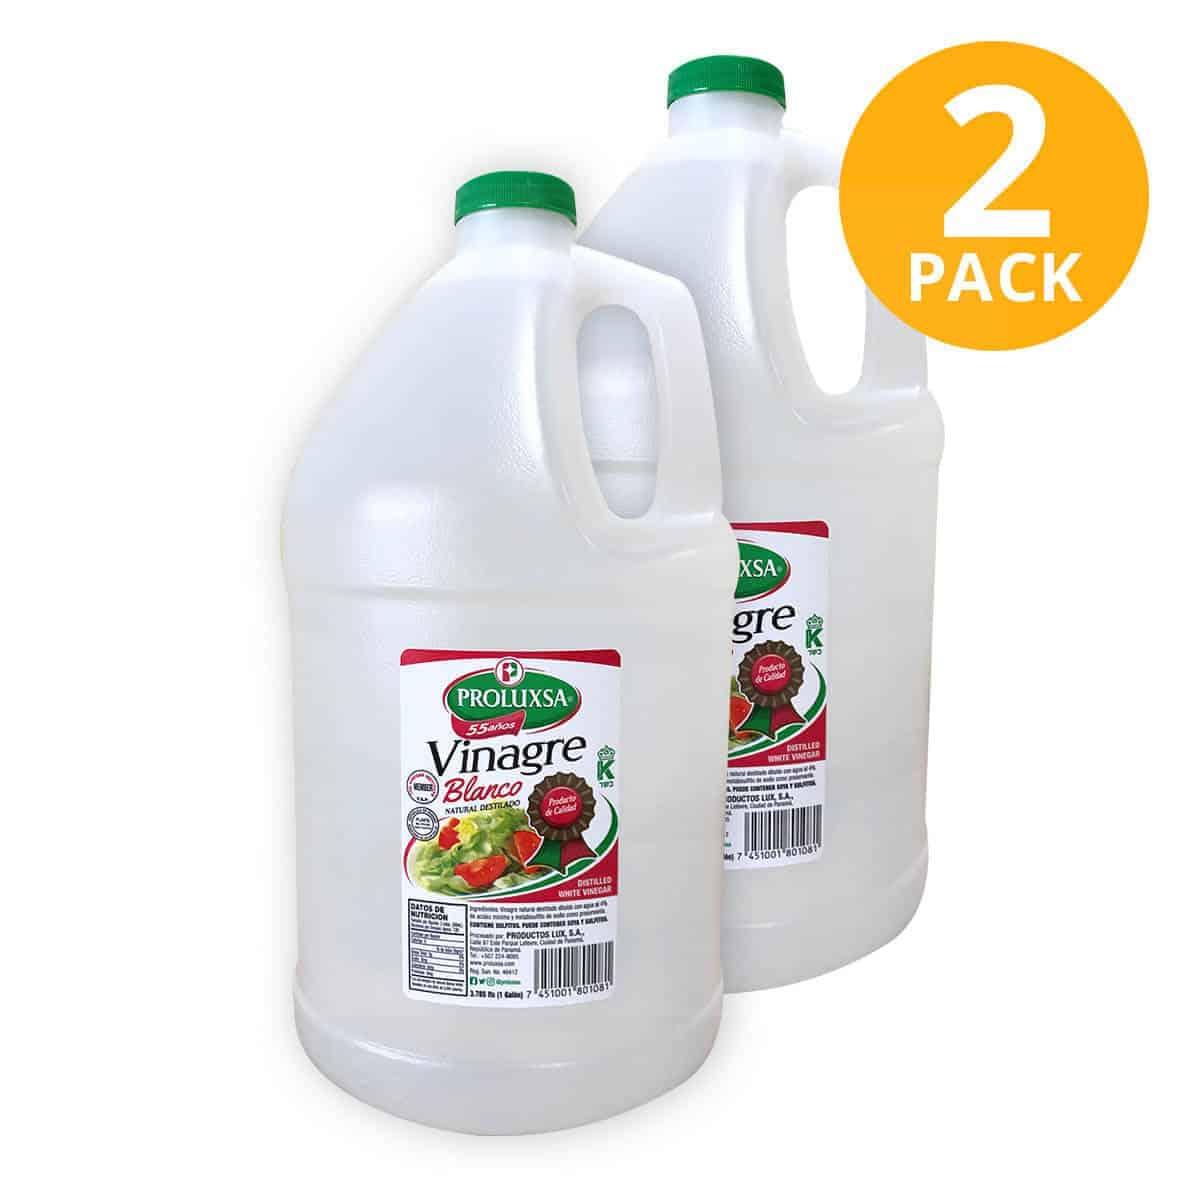 Vinagre Blanco, Proluxsa, 1 Galón (Pack de 2)